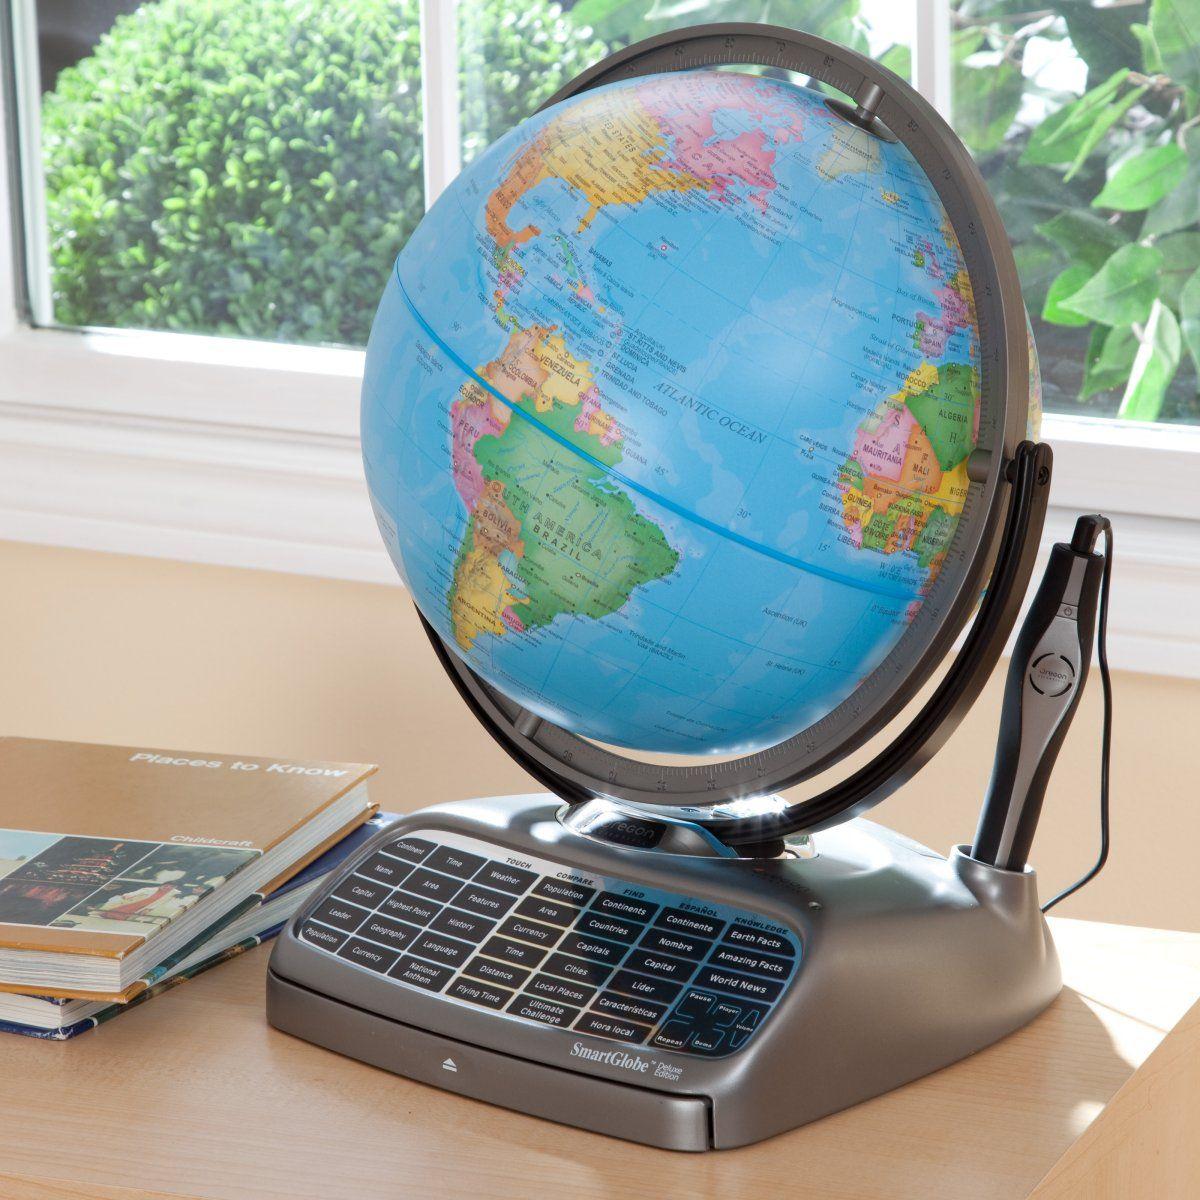 Oregon Scientific Interactive SmartGlobe | www.hayneedle ...